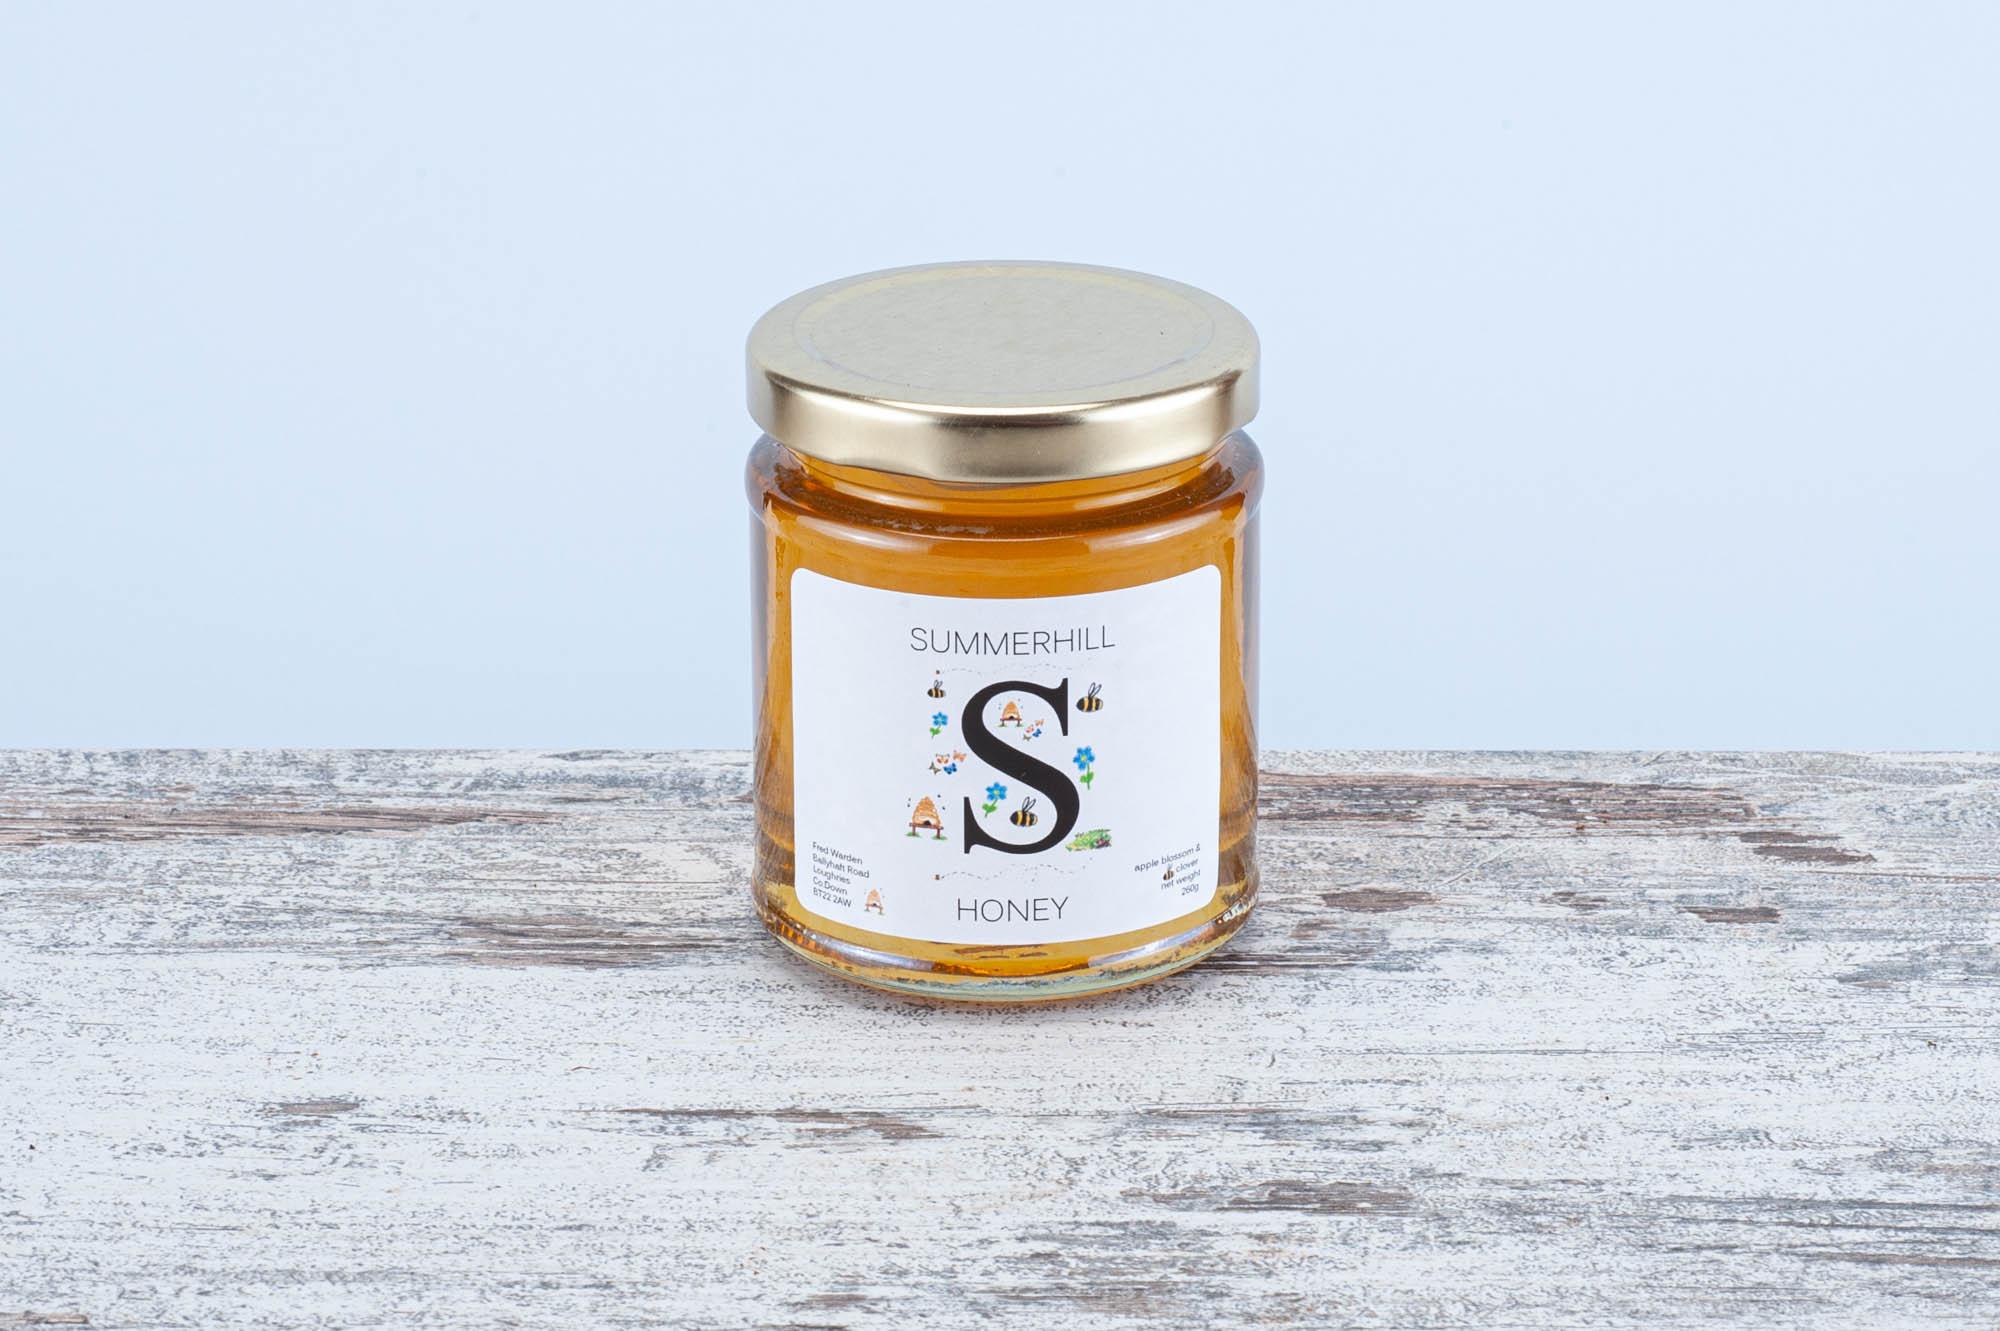 Summerhill honey